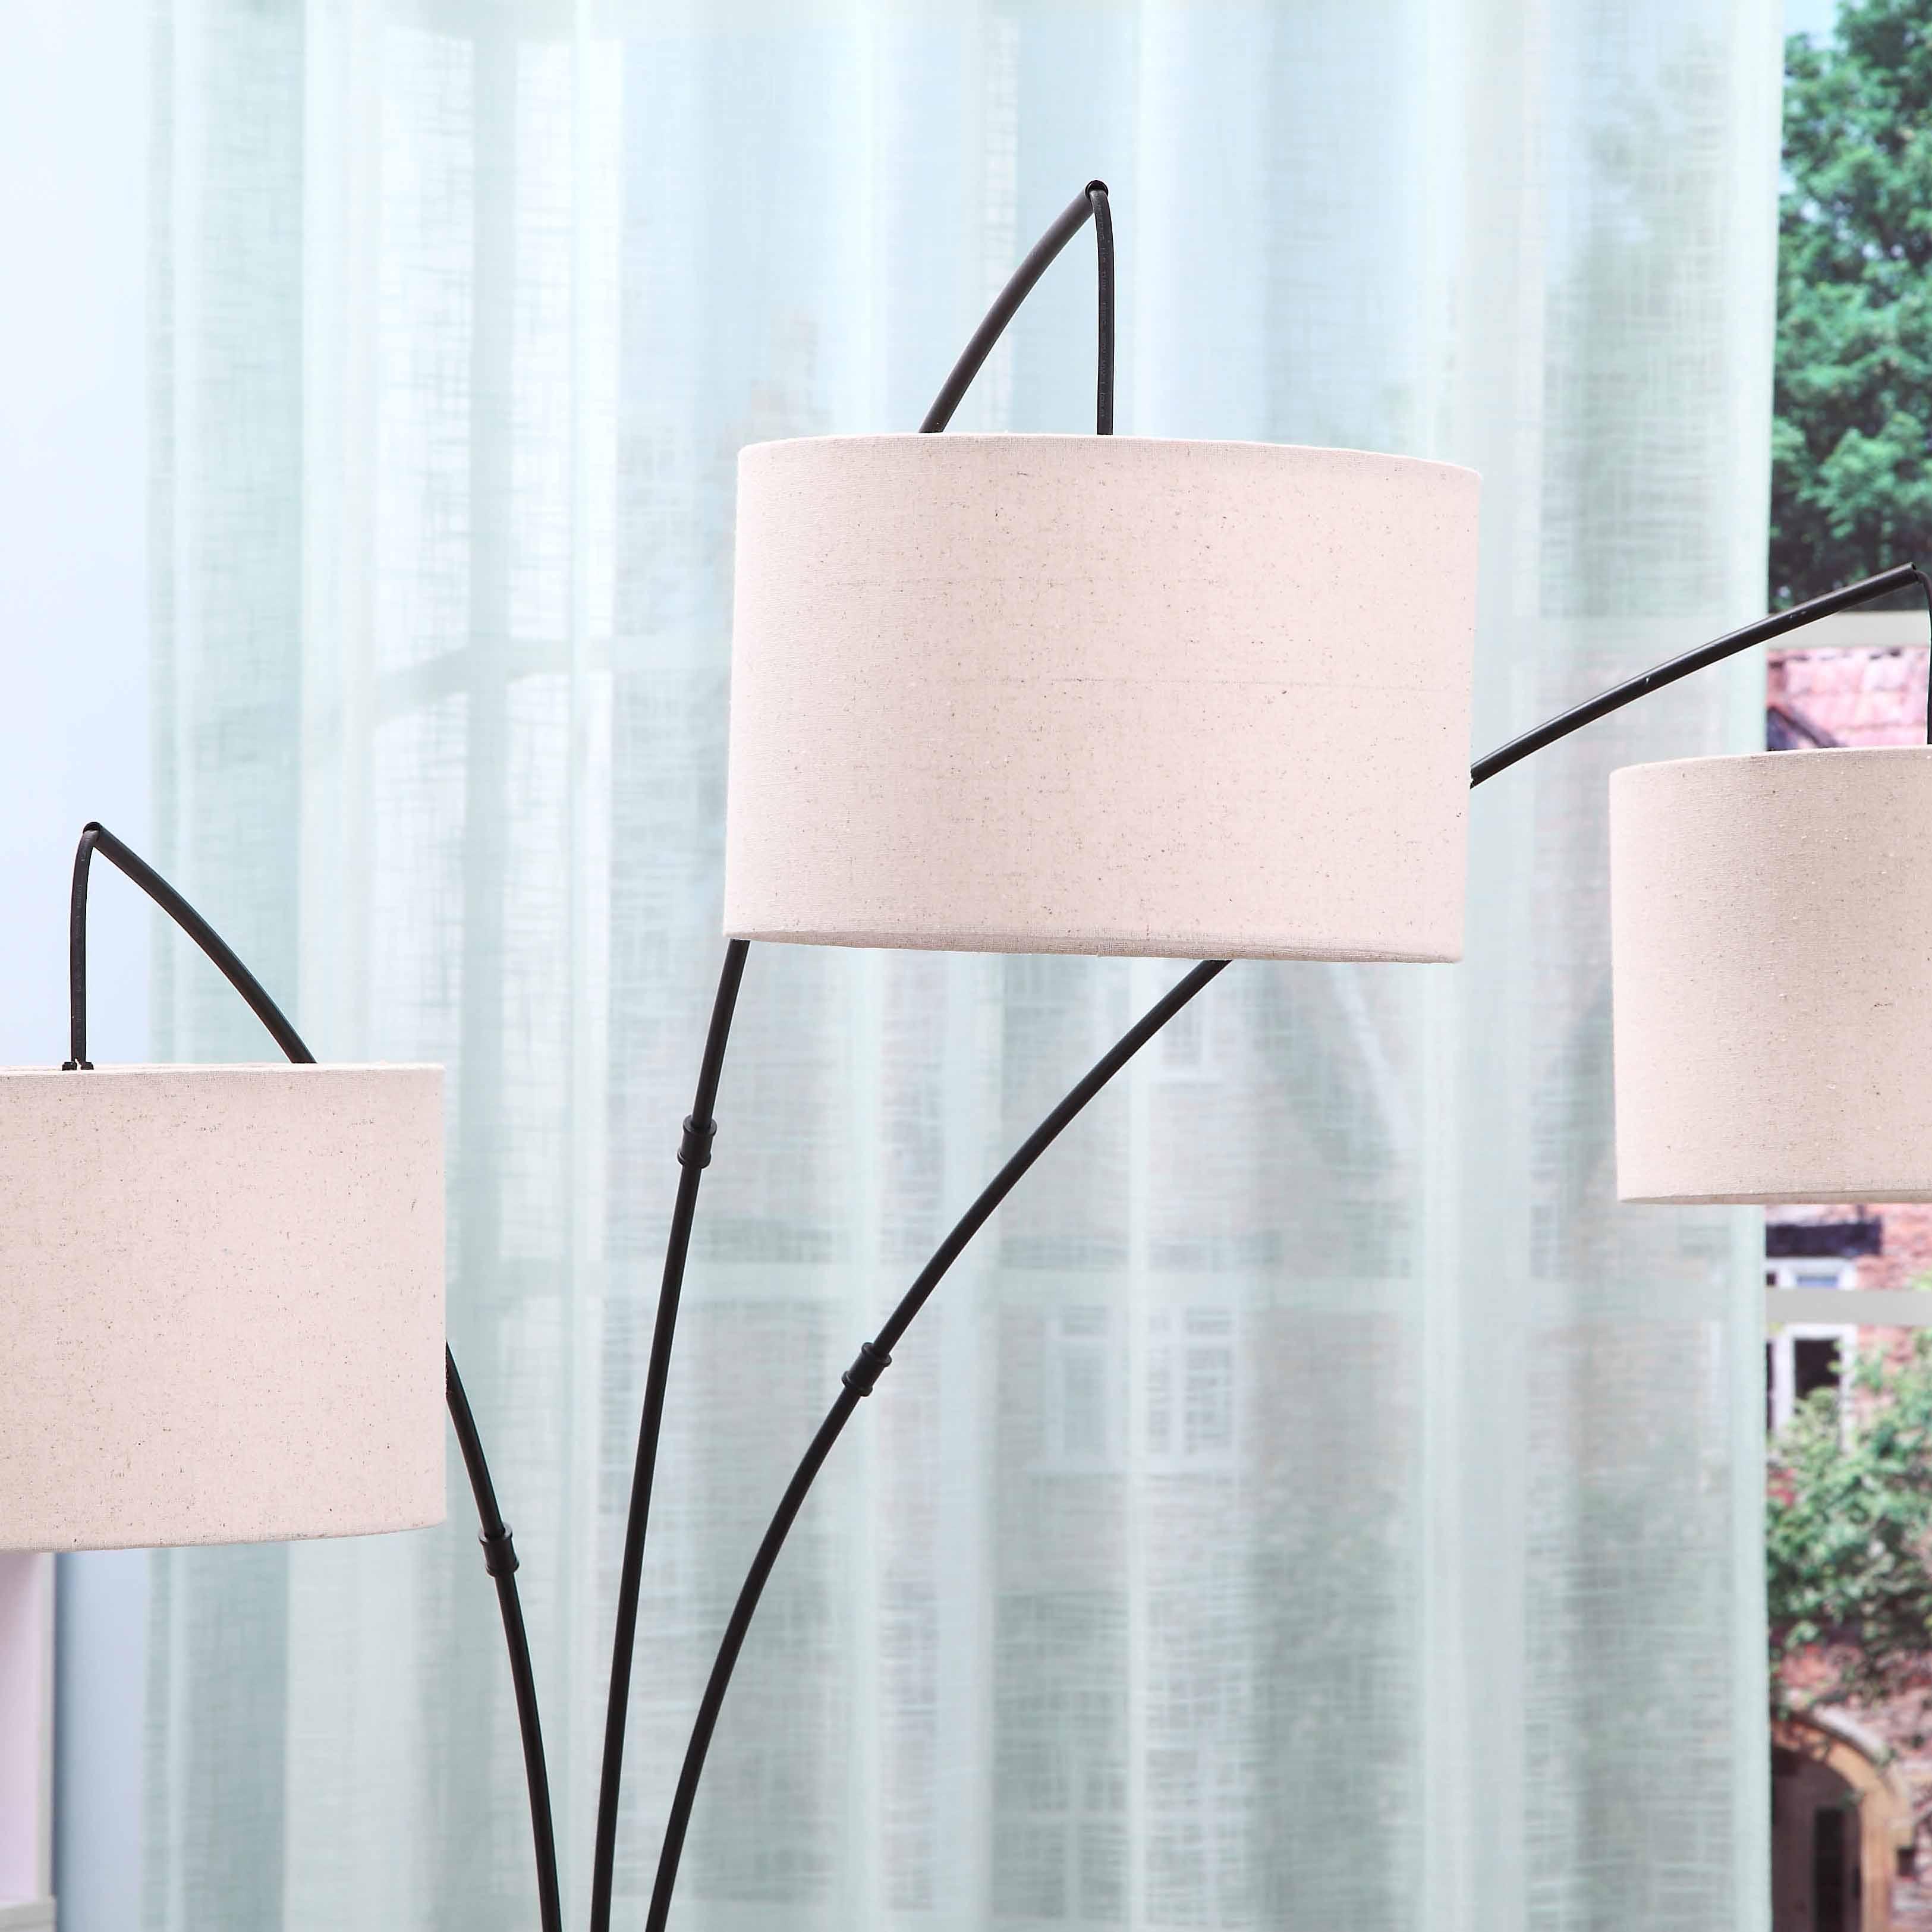 Black Tall Multiple Head Arc Lamp details 3